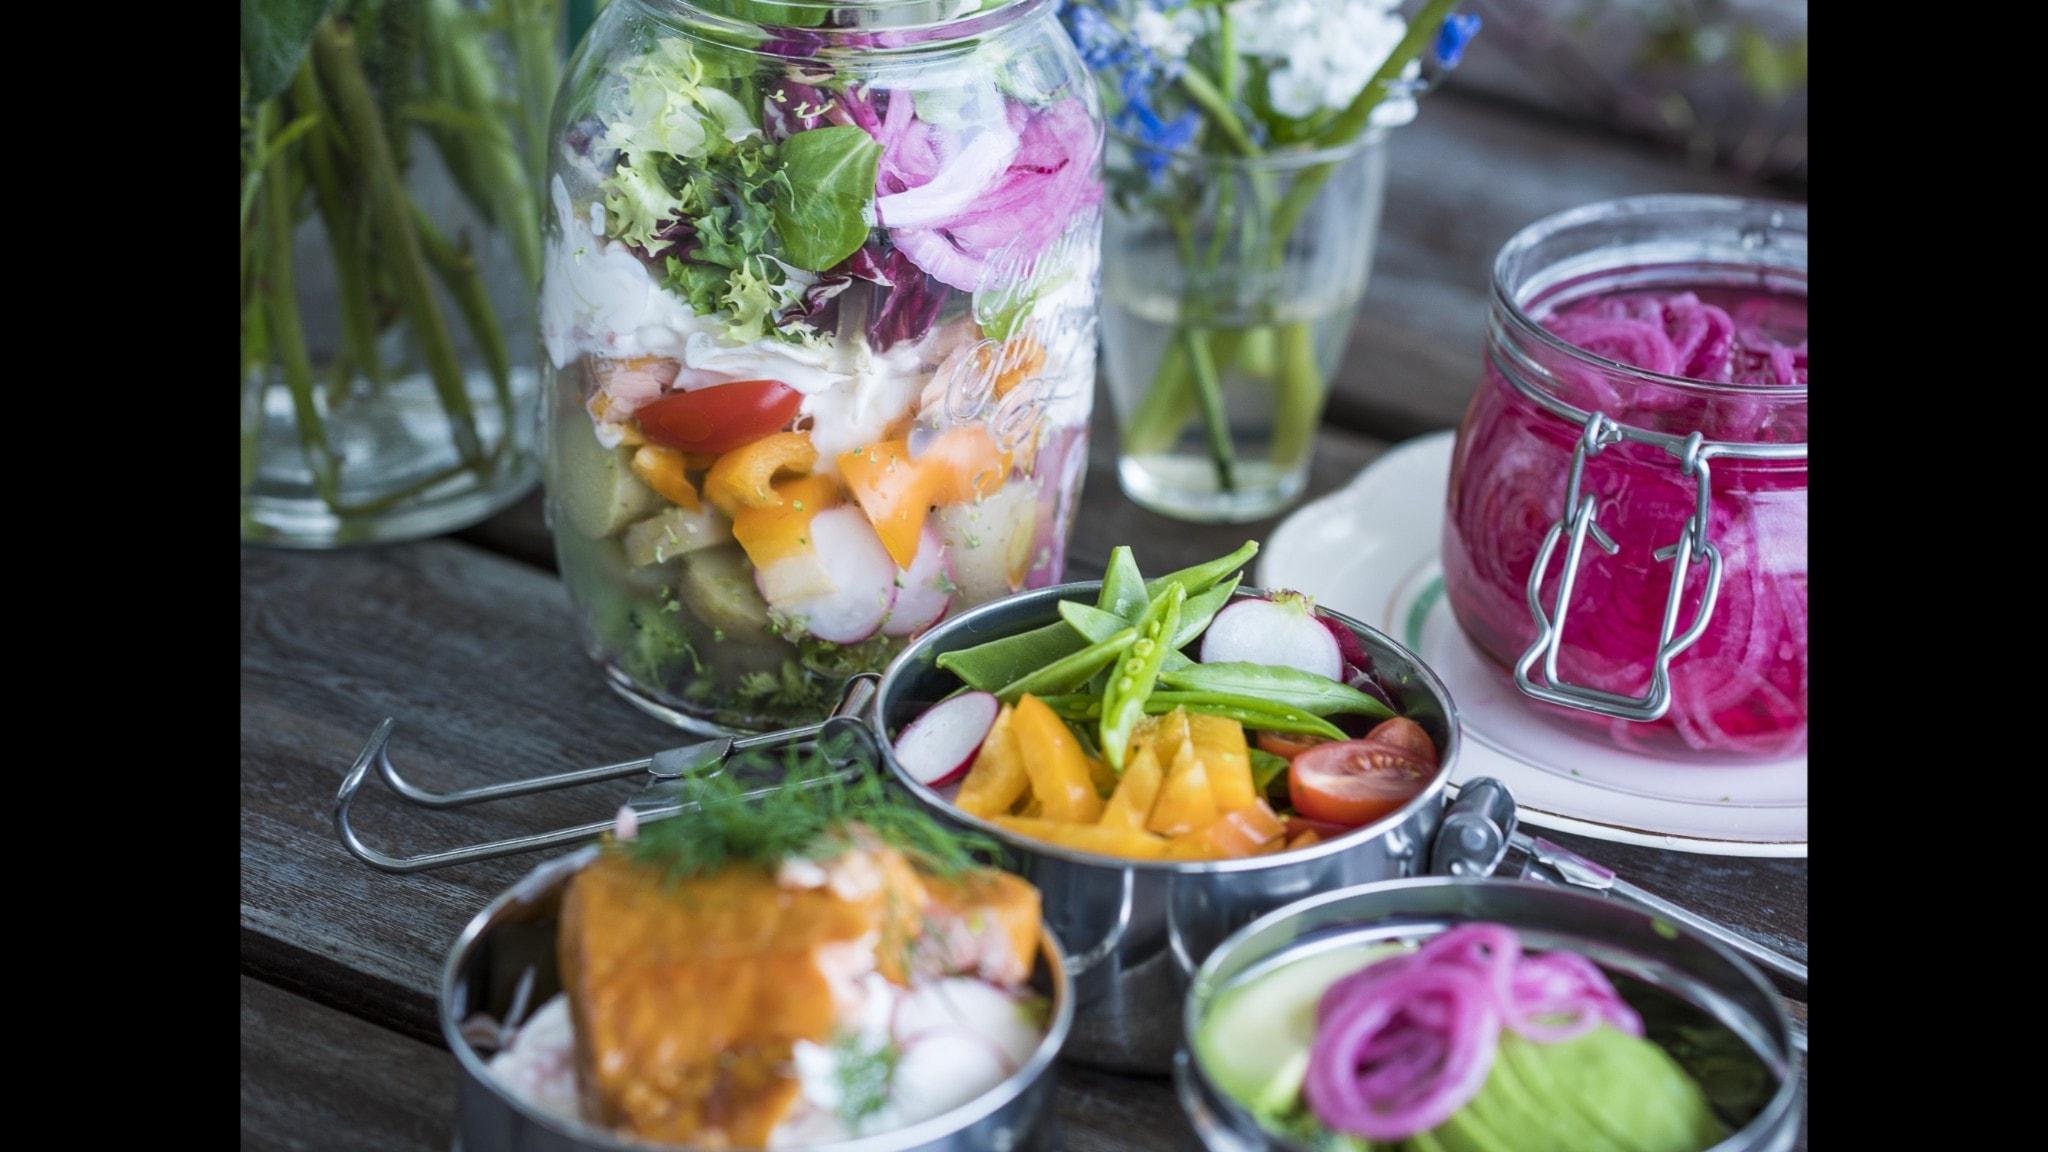 Grönsaker, lax och sallad packade i lådor för picknick.